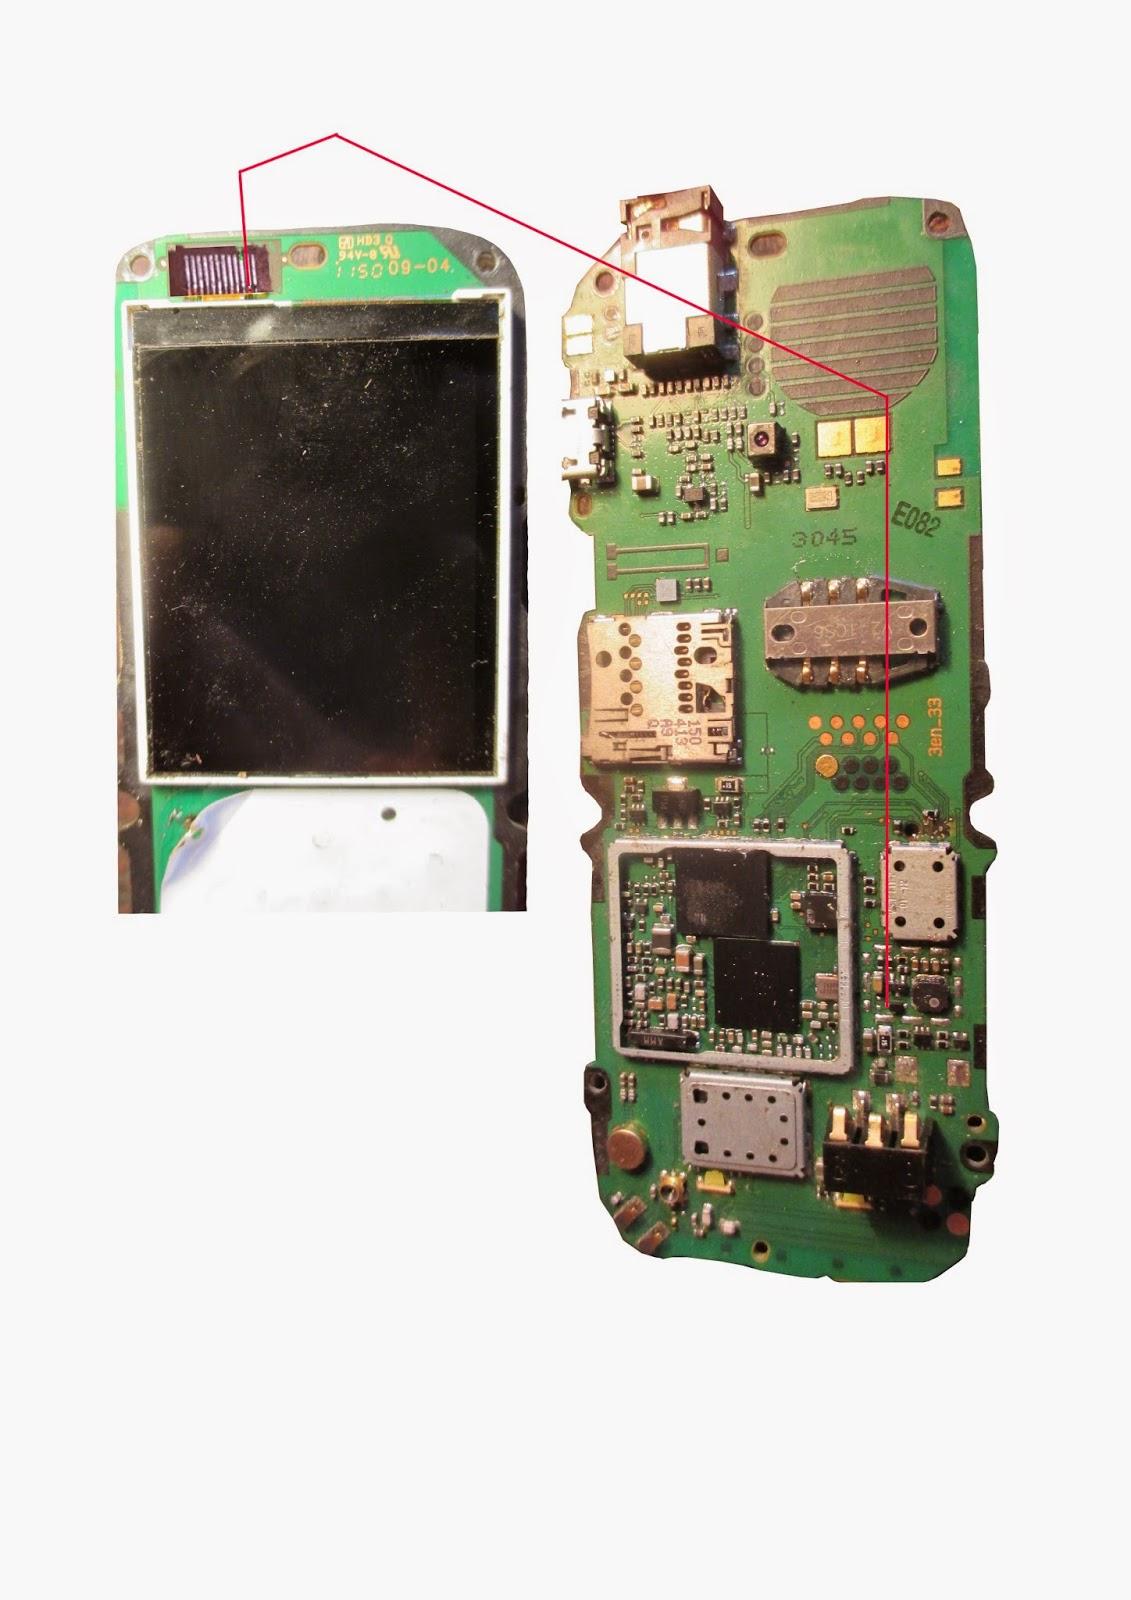 circuit diagram nokia c1 01 [ 1131 x 1600 Pixel ]